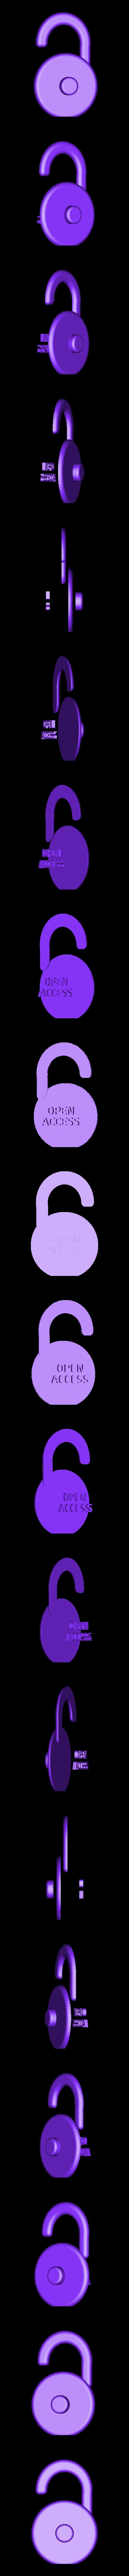 Open_Access_dual_orange.stl Télécharger fichier STL gratuit Logo en libre accès • Design à imprimer en 3D, sjpiper145